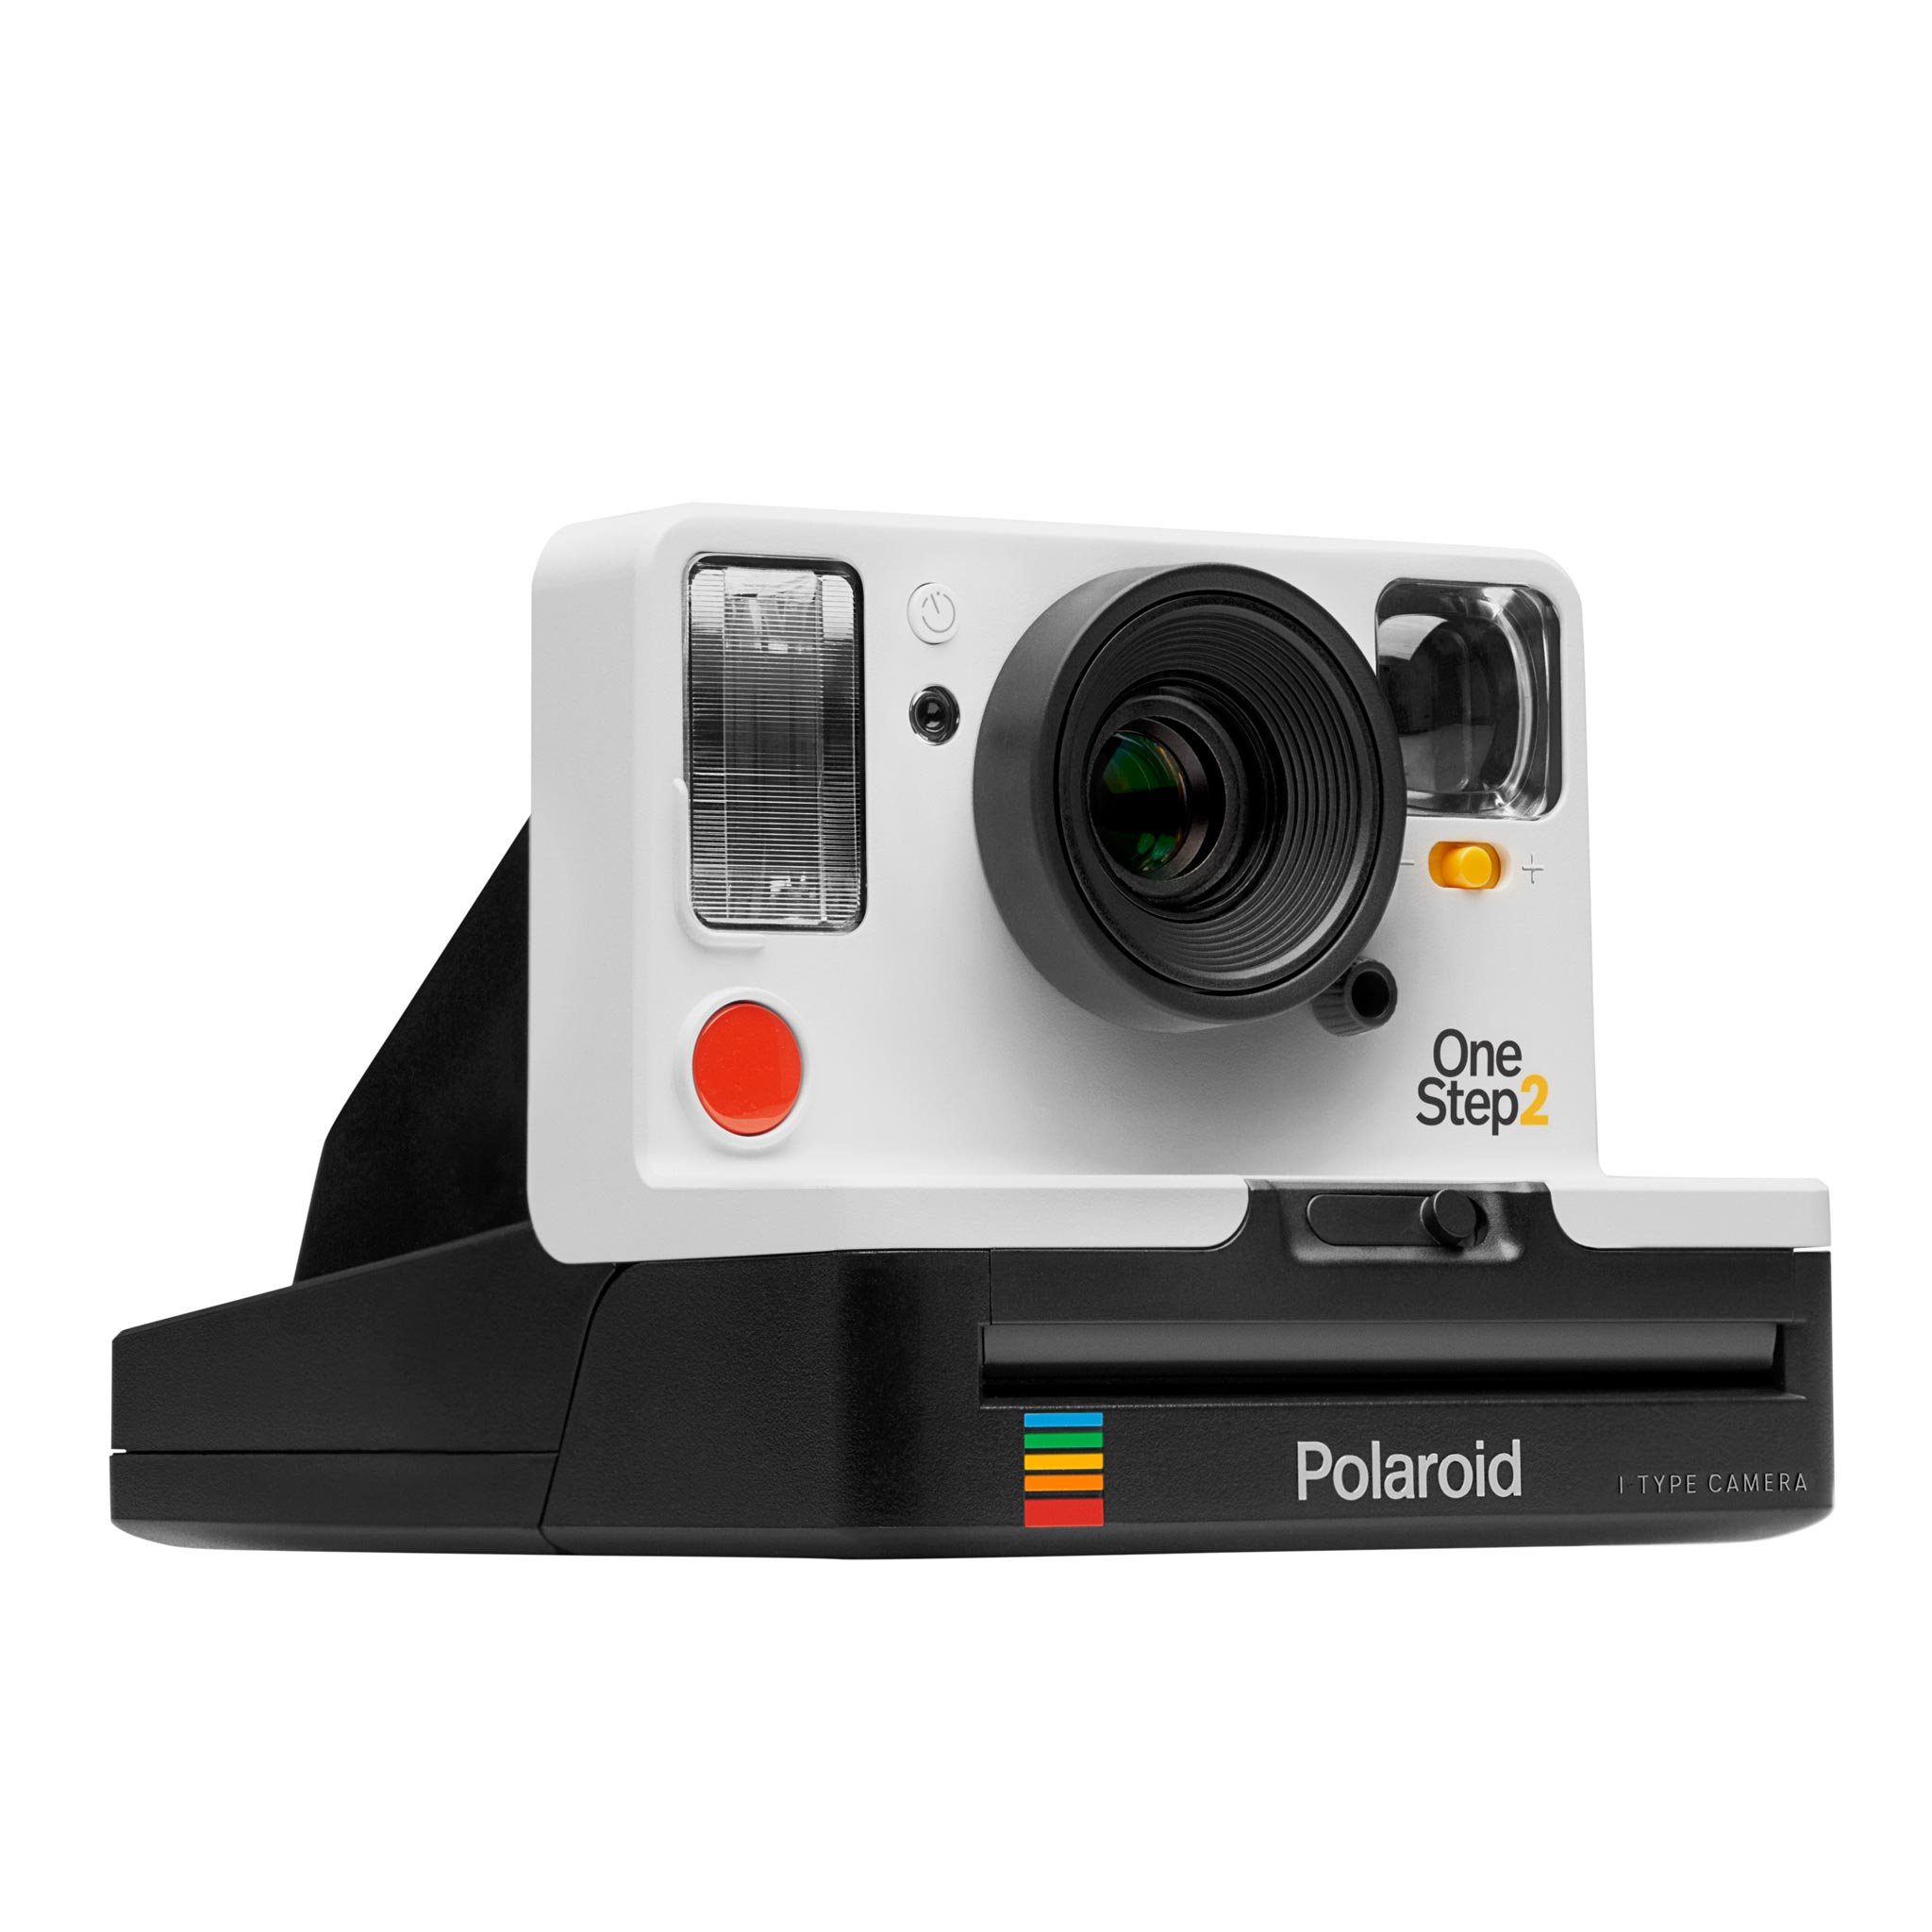 Polaroid Originals 9008 OneStep 2 VF Instant Film Camera, White